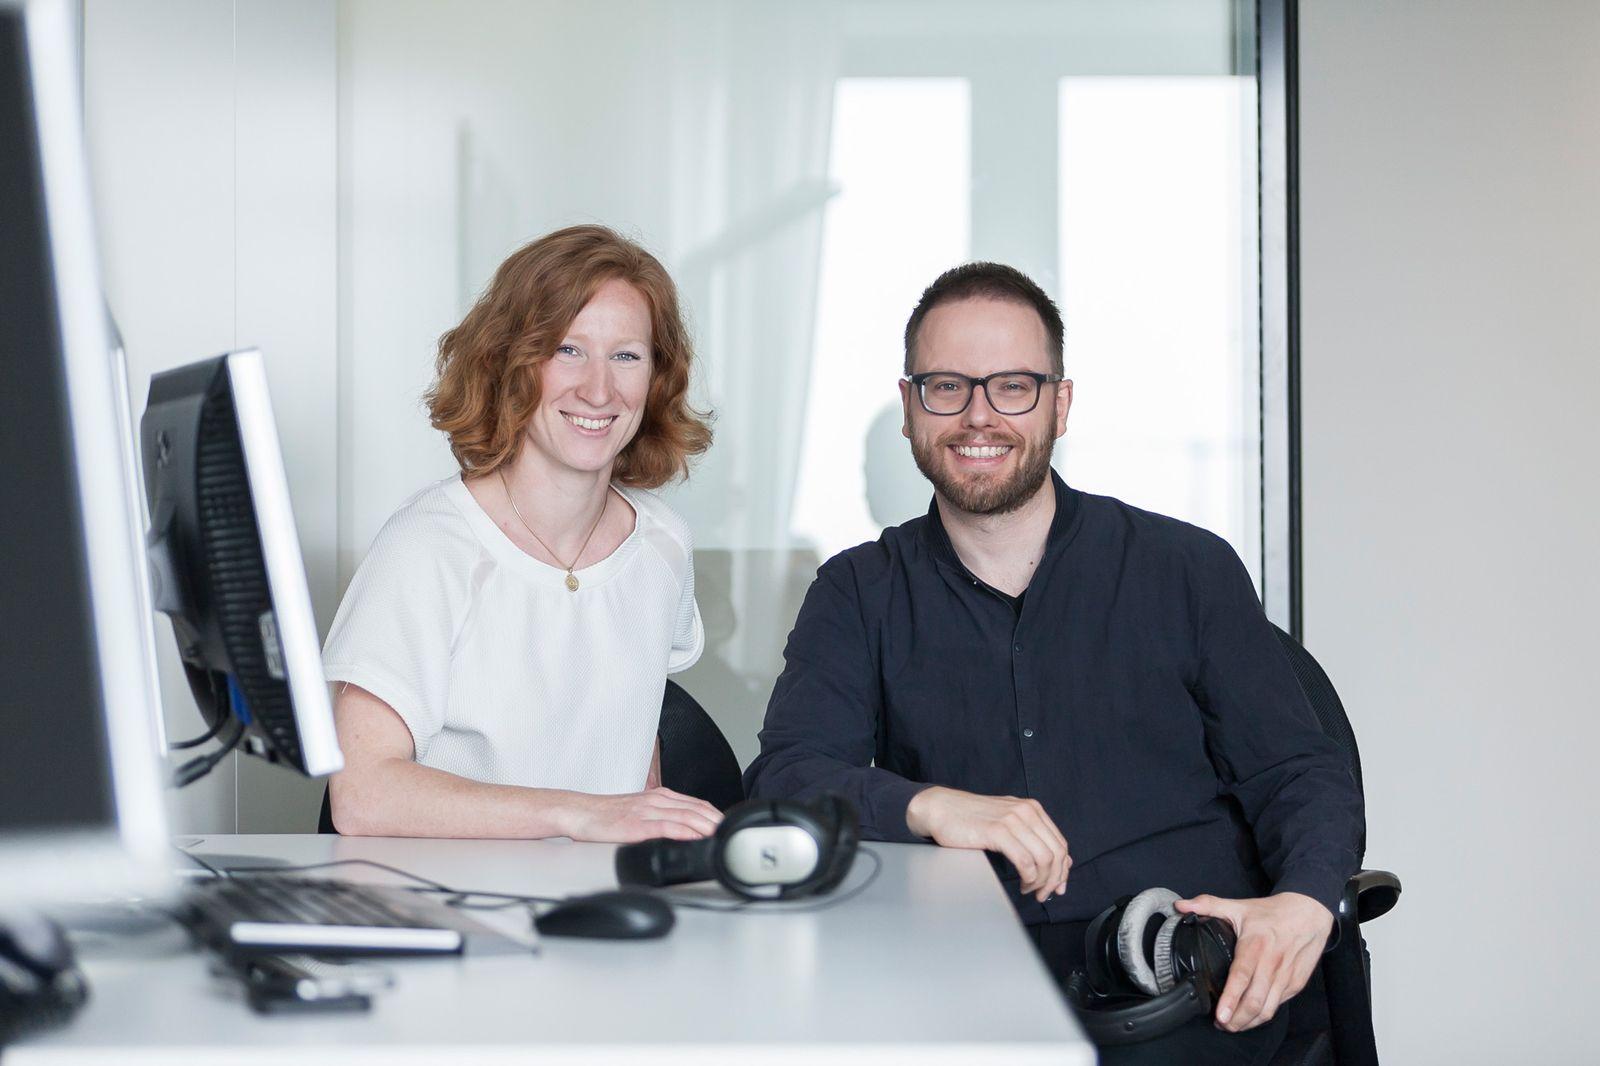 EINMALIGE VERWENDUNG Spiegel Online Portraits Podcast / Teresa Sickert und Fabian Reinbold